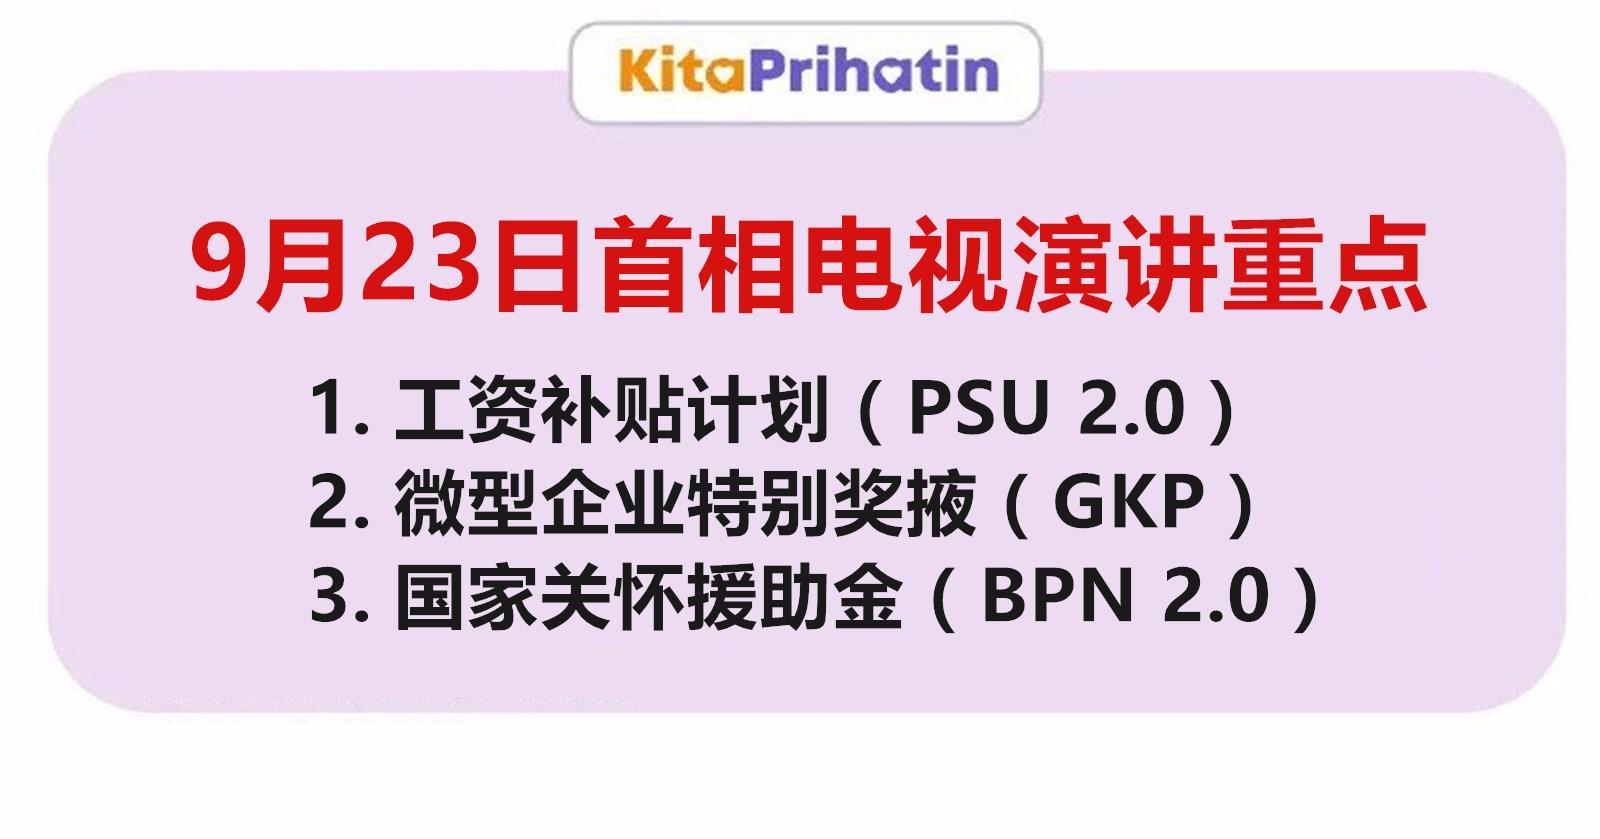 首相推出Kita Prihatin关怀援助计划